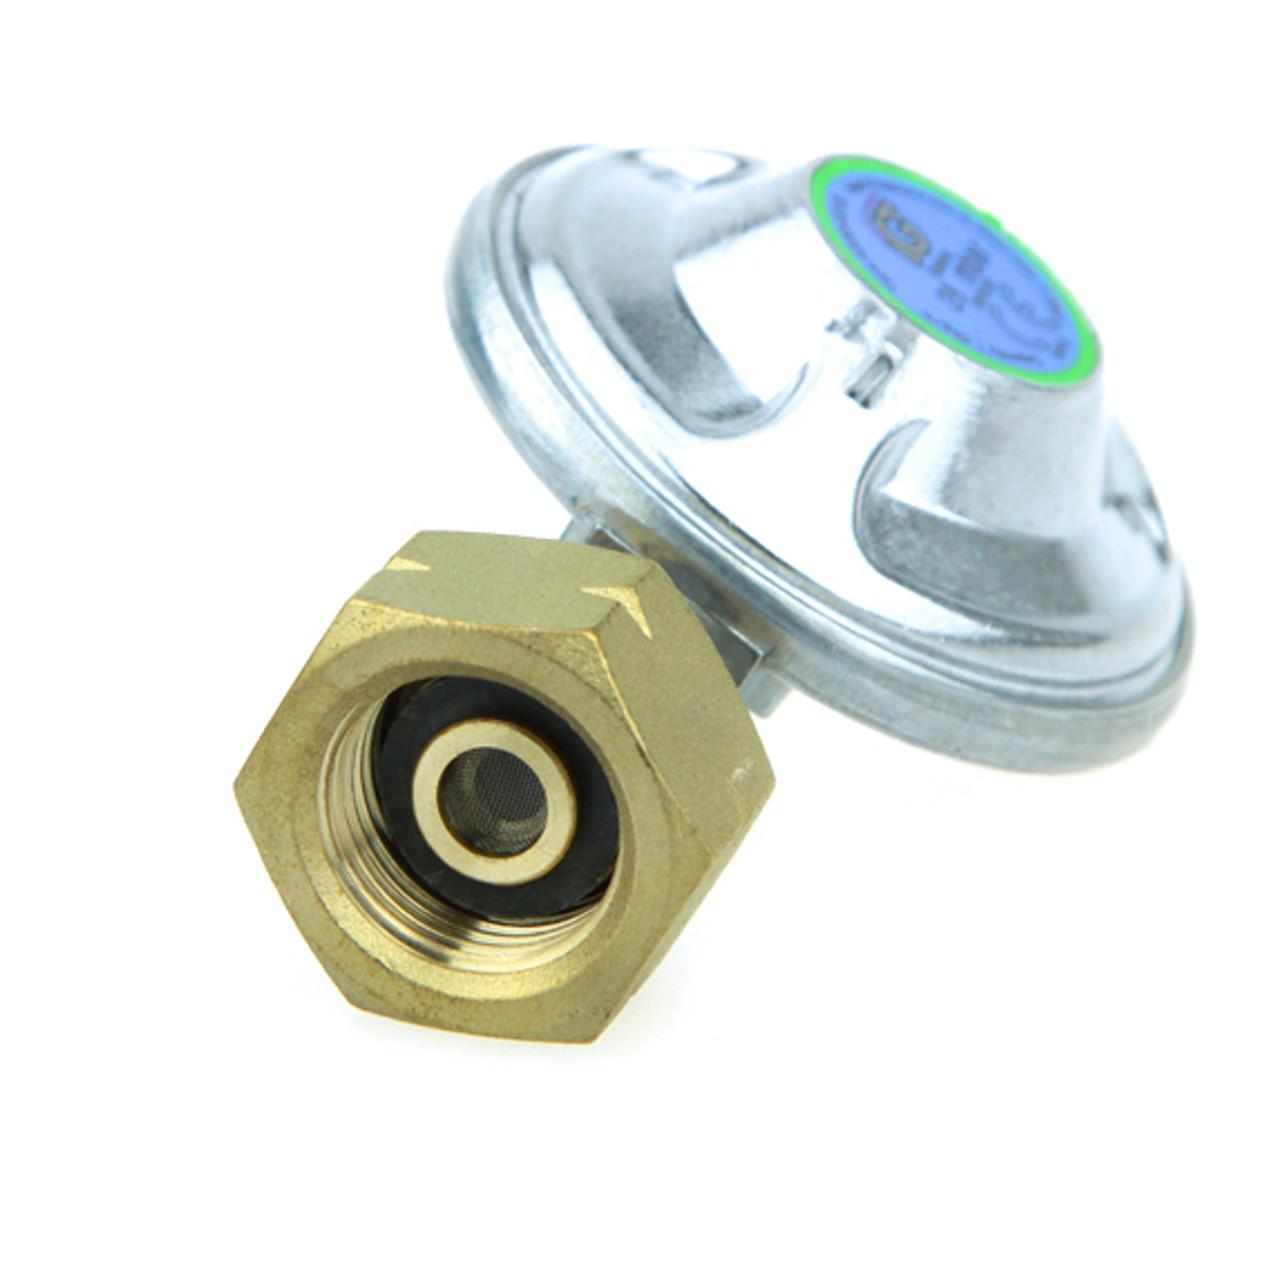 IGT 28 mbar Butane Shell Bottle Gas Regulator